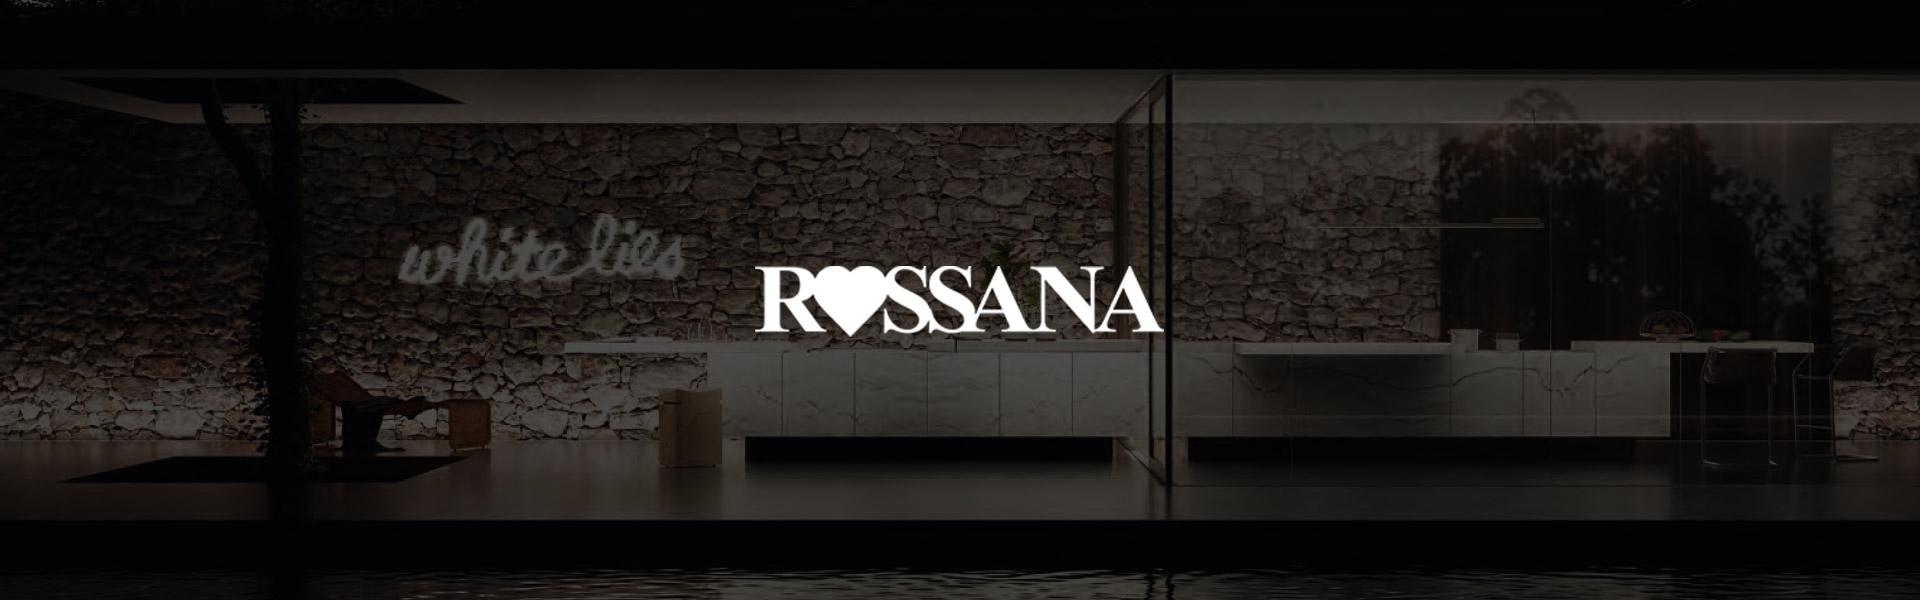 rossana-slide-brand_hover